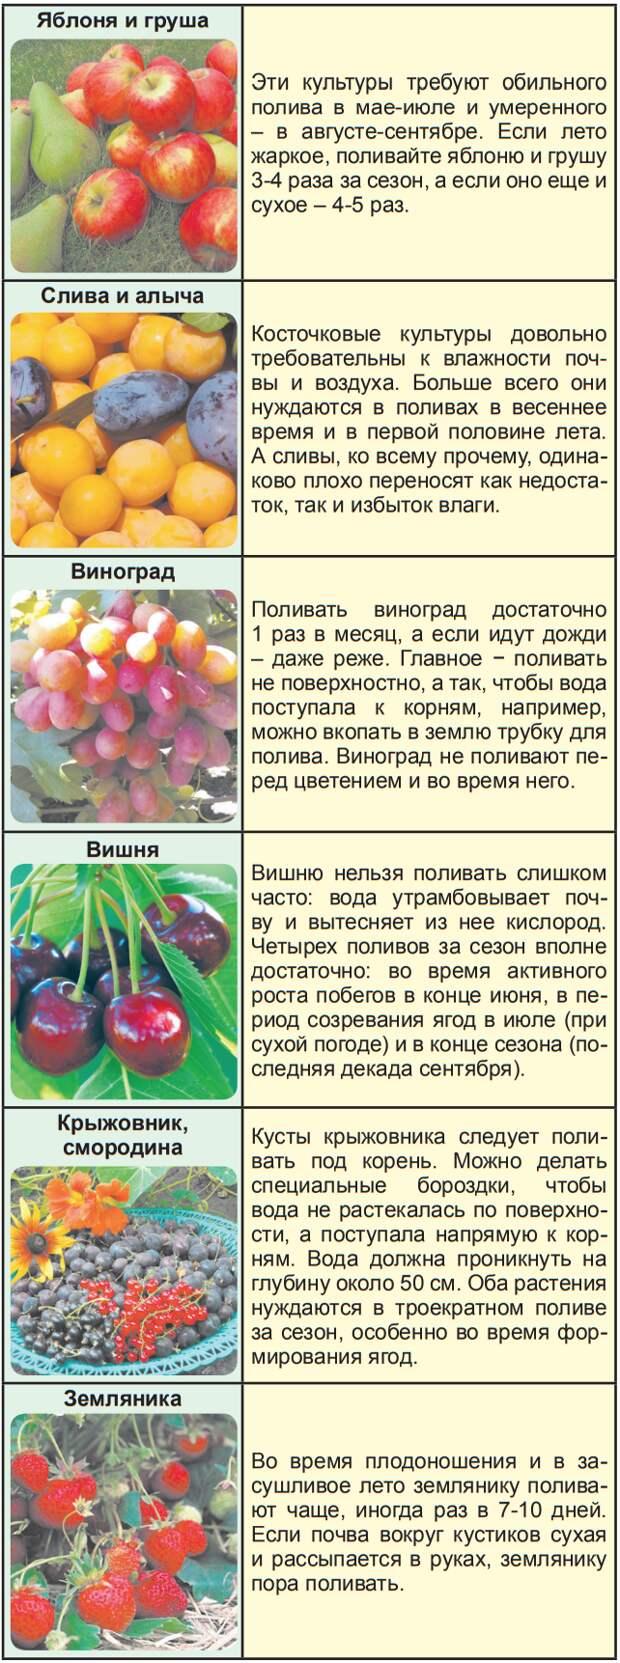 Как поливать и подкармливать виноград весной: инструкция для новичков